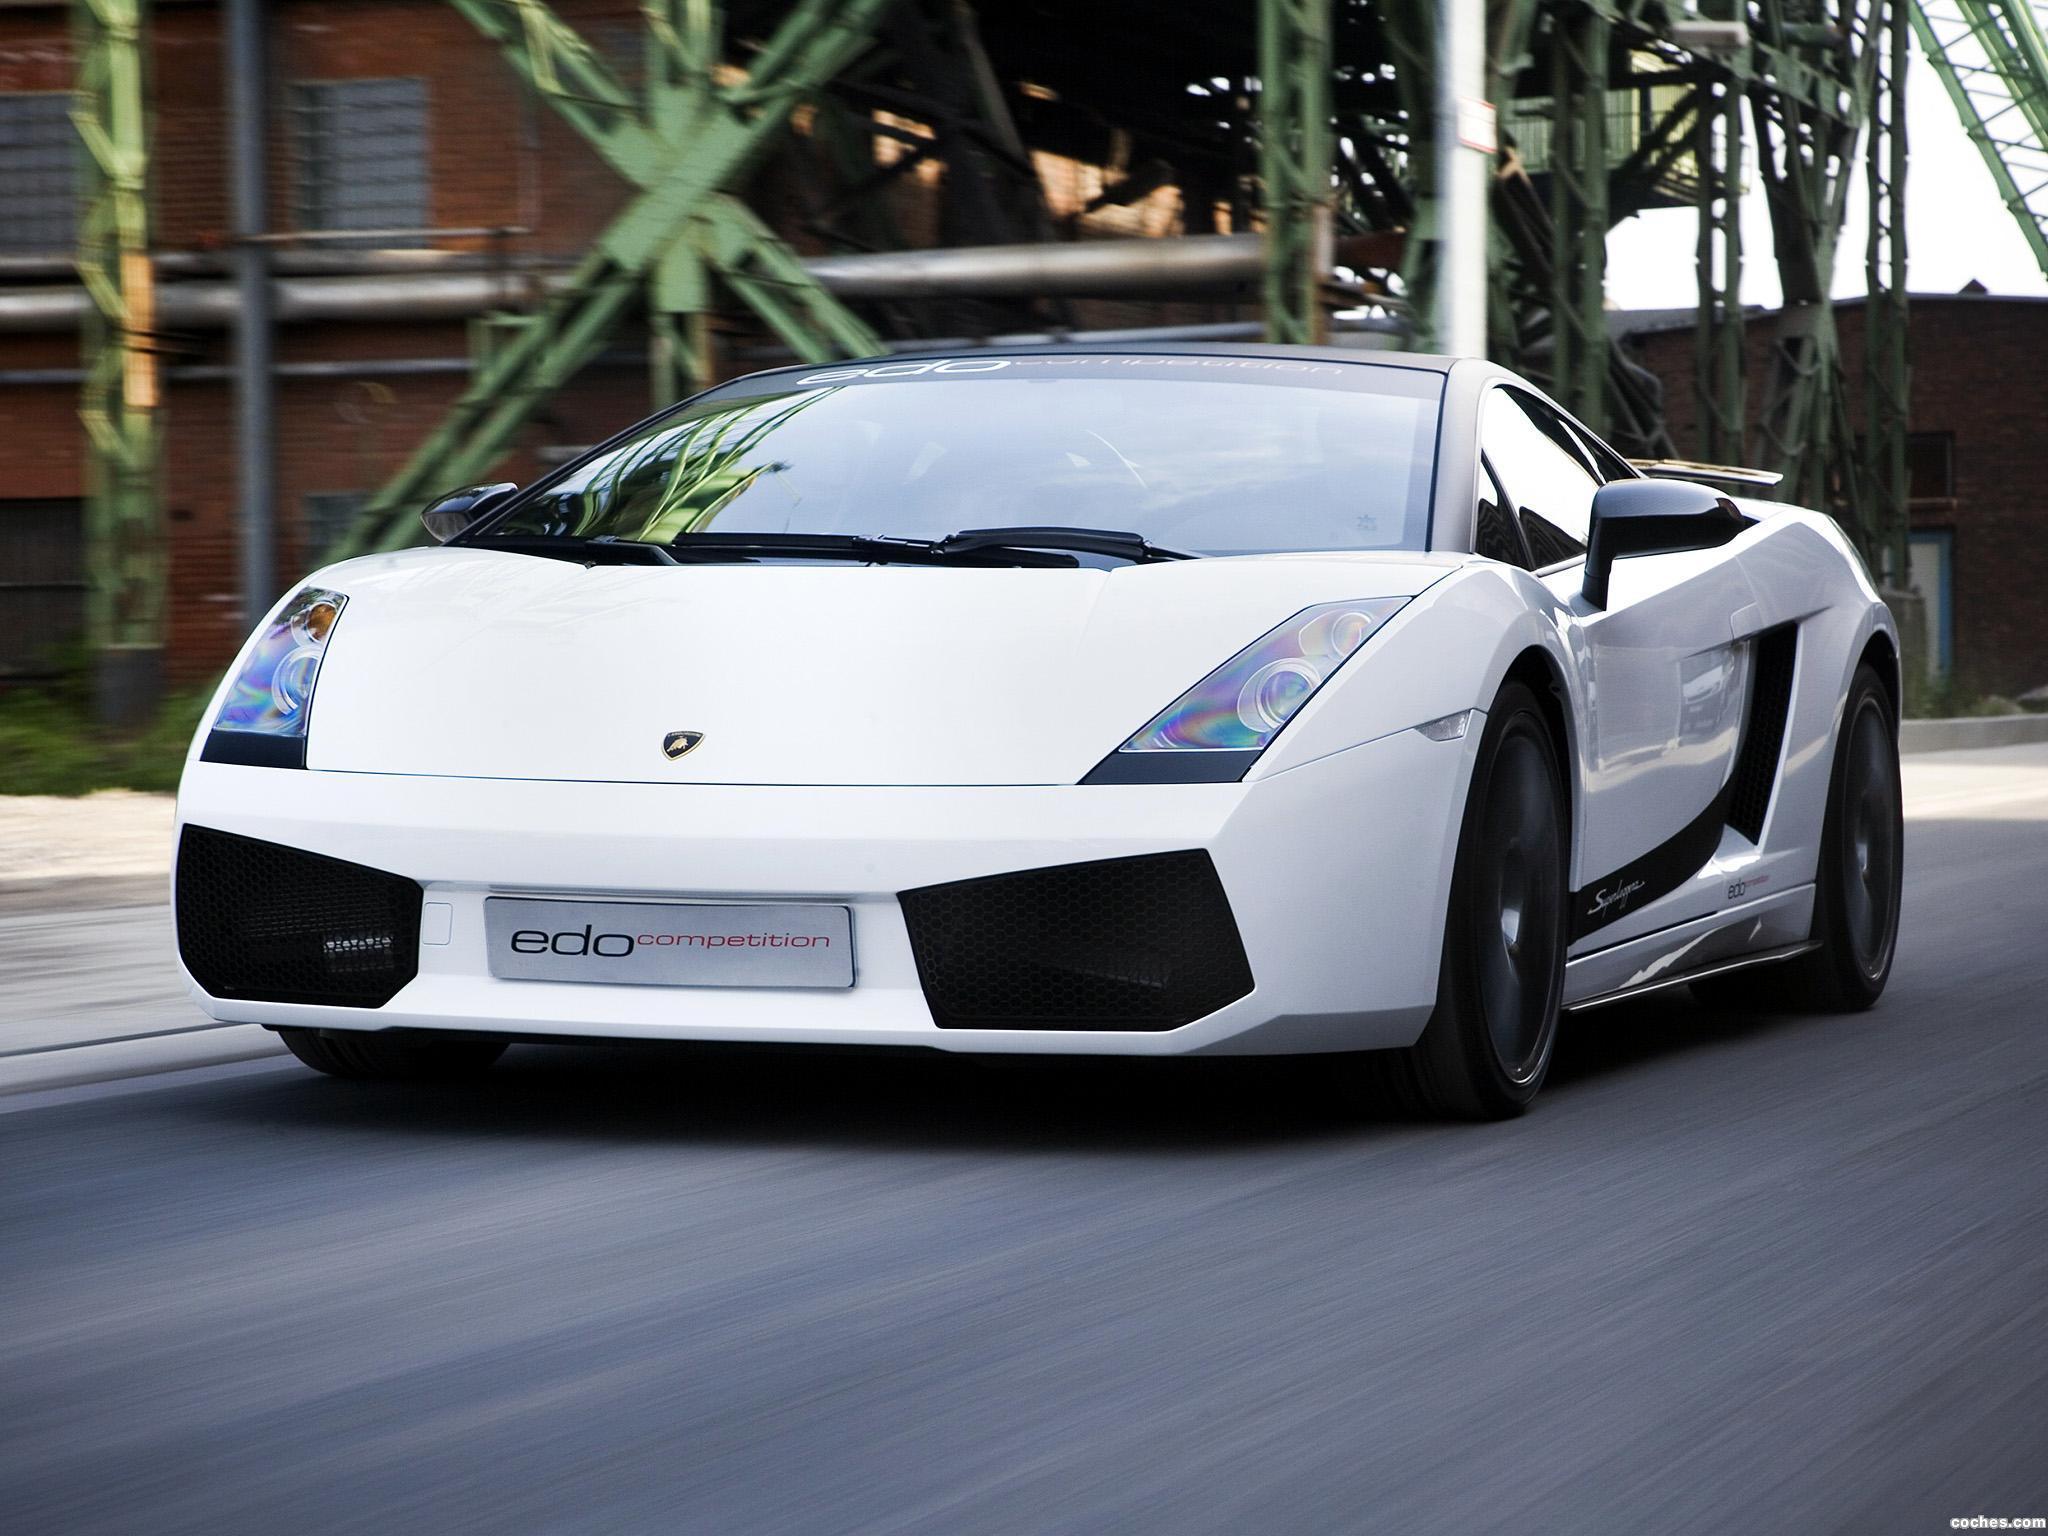 Foto 0 de Lamborghini Edo Gallardo Superleggera 2008